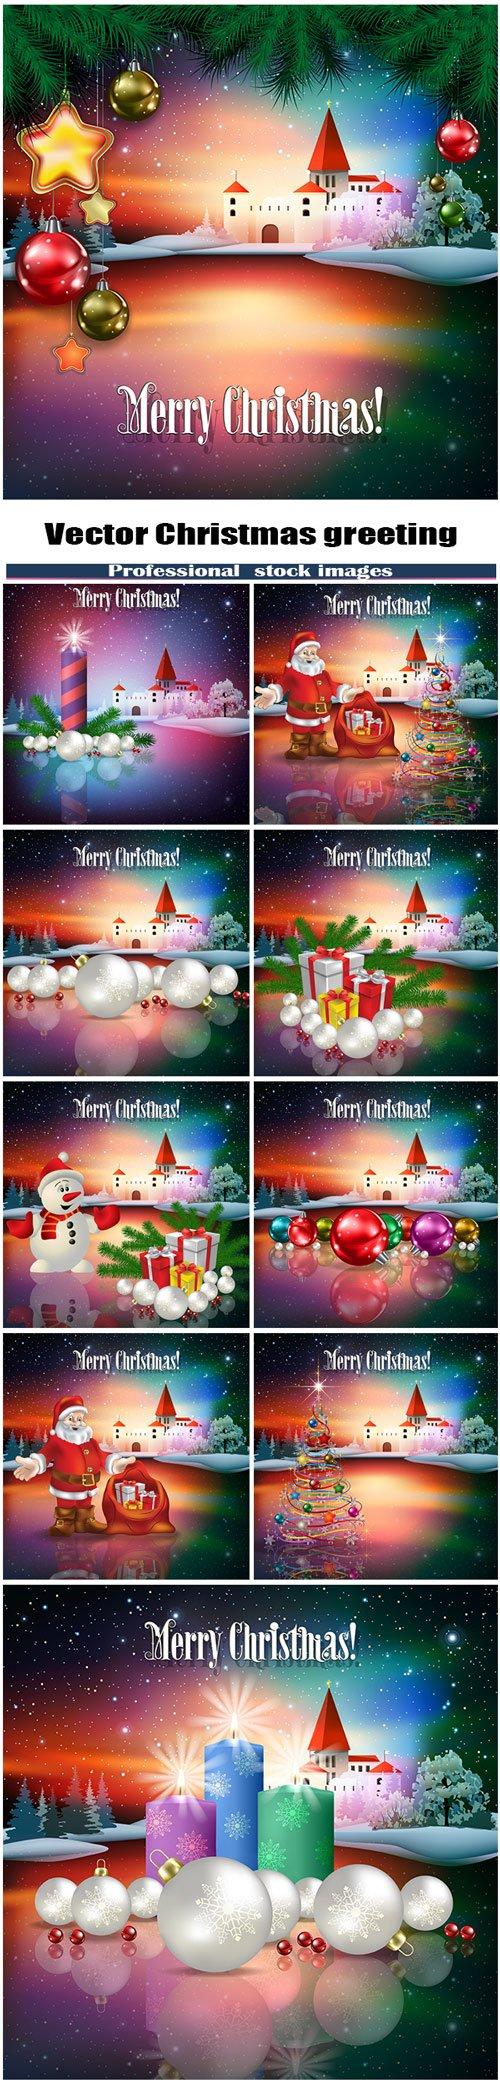 Vector Christmas greeting